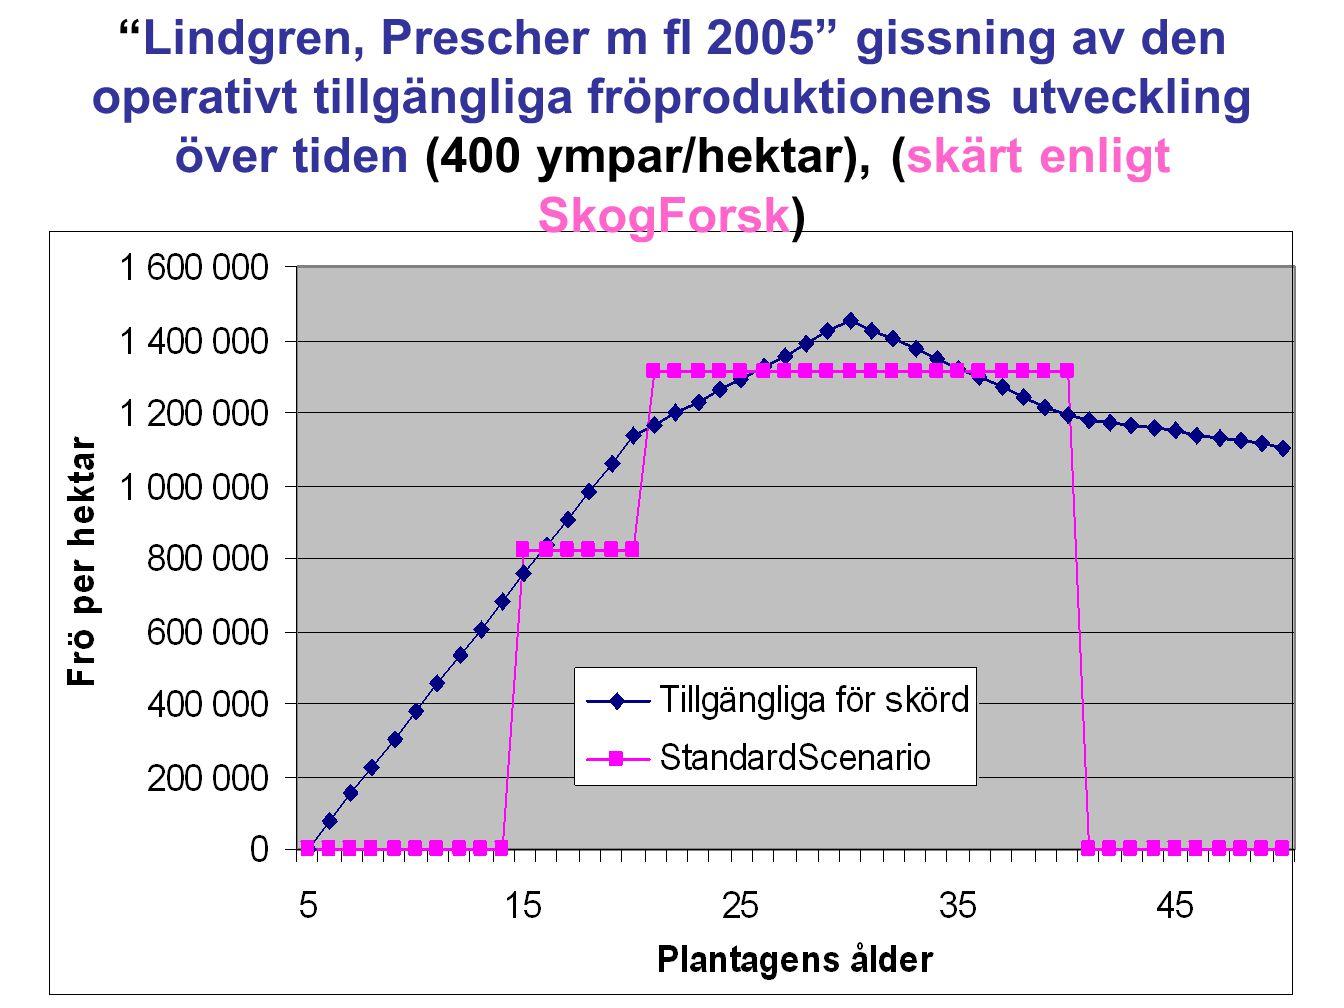 """6 """"Lindgren, Prescher m fl 2005"""" gissning av den operativt tillgängliga fröproduktionens utveckling över tiden (400 ympar/hektar), (skärt enligt SkogF"""